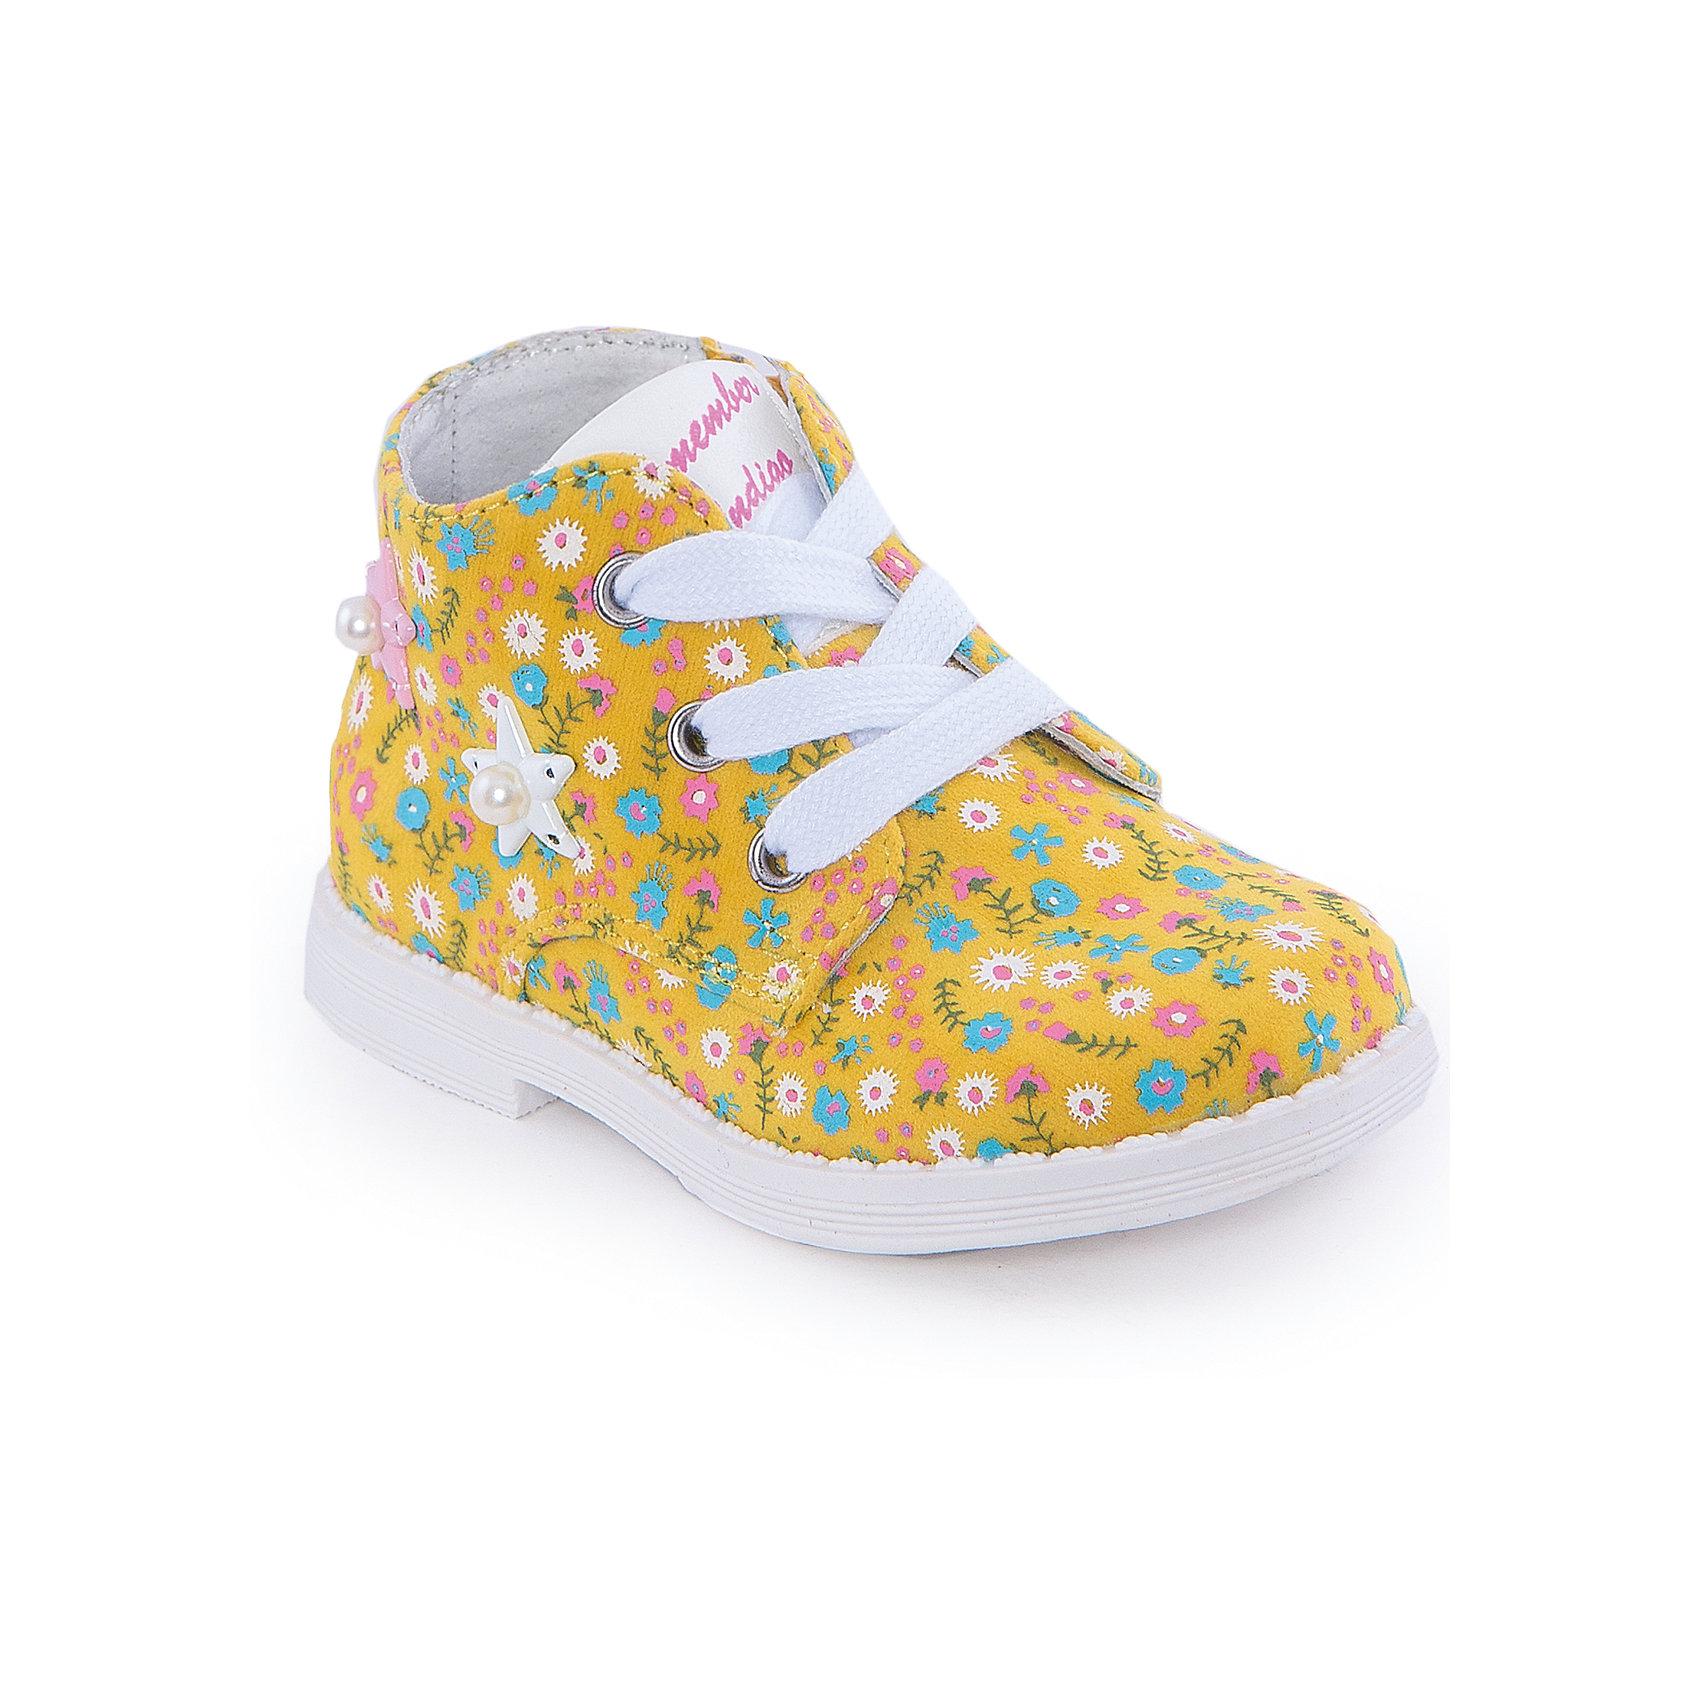 Ботинки для девочки Indigo kidsБотинки<br>Ботинки для девочки от известного бренда Indigo kids <br> <br>Яркие и нарядные ботинки могут быть и очень удобными! Насыщенный цвет делает эту модель стильной и привлекающей внимание. Ботинки легко надеваются благодаря шнуровке и молнии и комфортно садятся по ноге. <br> <br>Особенности модели: <br> <br>- цвет - зеленый; <br>- стильный дизайн; <br>- удобная колодка; <br>- подкладка из натуральной кожи; <br>- украшены цветочным принтом и звездочками с жемчужинами; <br>- устойчивая подошва; <br>- контрастные шнурки; <br>- застежки: шнуровка, молния. <br> <br>Дополнительная информация: <br> <br>Температурный режим: <br>от +5° С до +20° С <br> <br>Состав: <br> <br>верх – текстиль; <br>подкладка - натуральная кожа; <br>подошва - ТЭП. <br> <br>Ботинки для девочки Indigo kids (Индиго Кидс) можно купить в нашем магазине.<br><br>Ширина мм: 262<br>Глубина мм: 176<br>Высота мм: 97<br>Вес г: 427<br>Цвет: желтый<br>Возраст от месяцев: 21<br>Возраст до месяцев: 24<br>Пол: Женский<br>Возраст: Детский<br>Размер: 24,21,26,25,23,22<br>SKU: 4520006